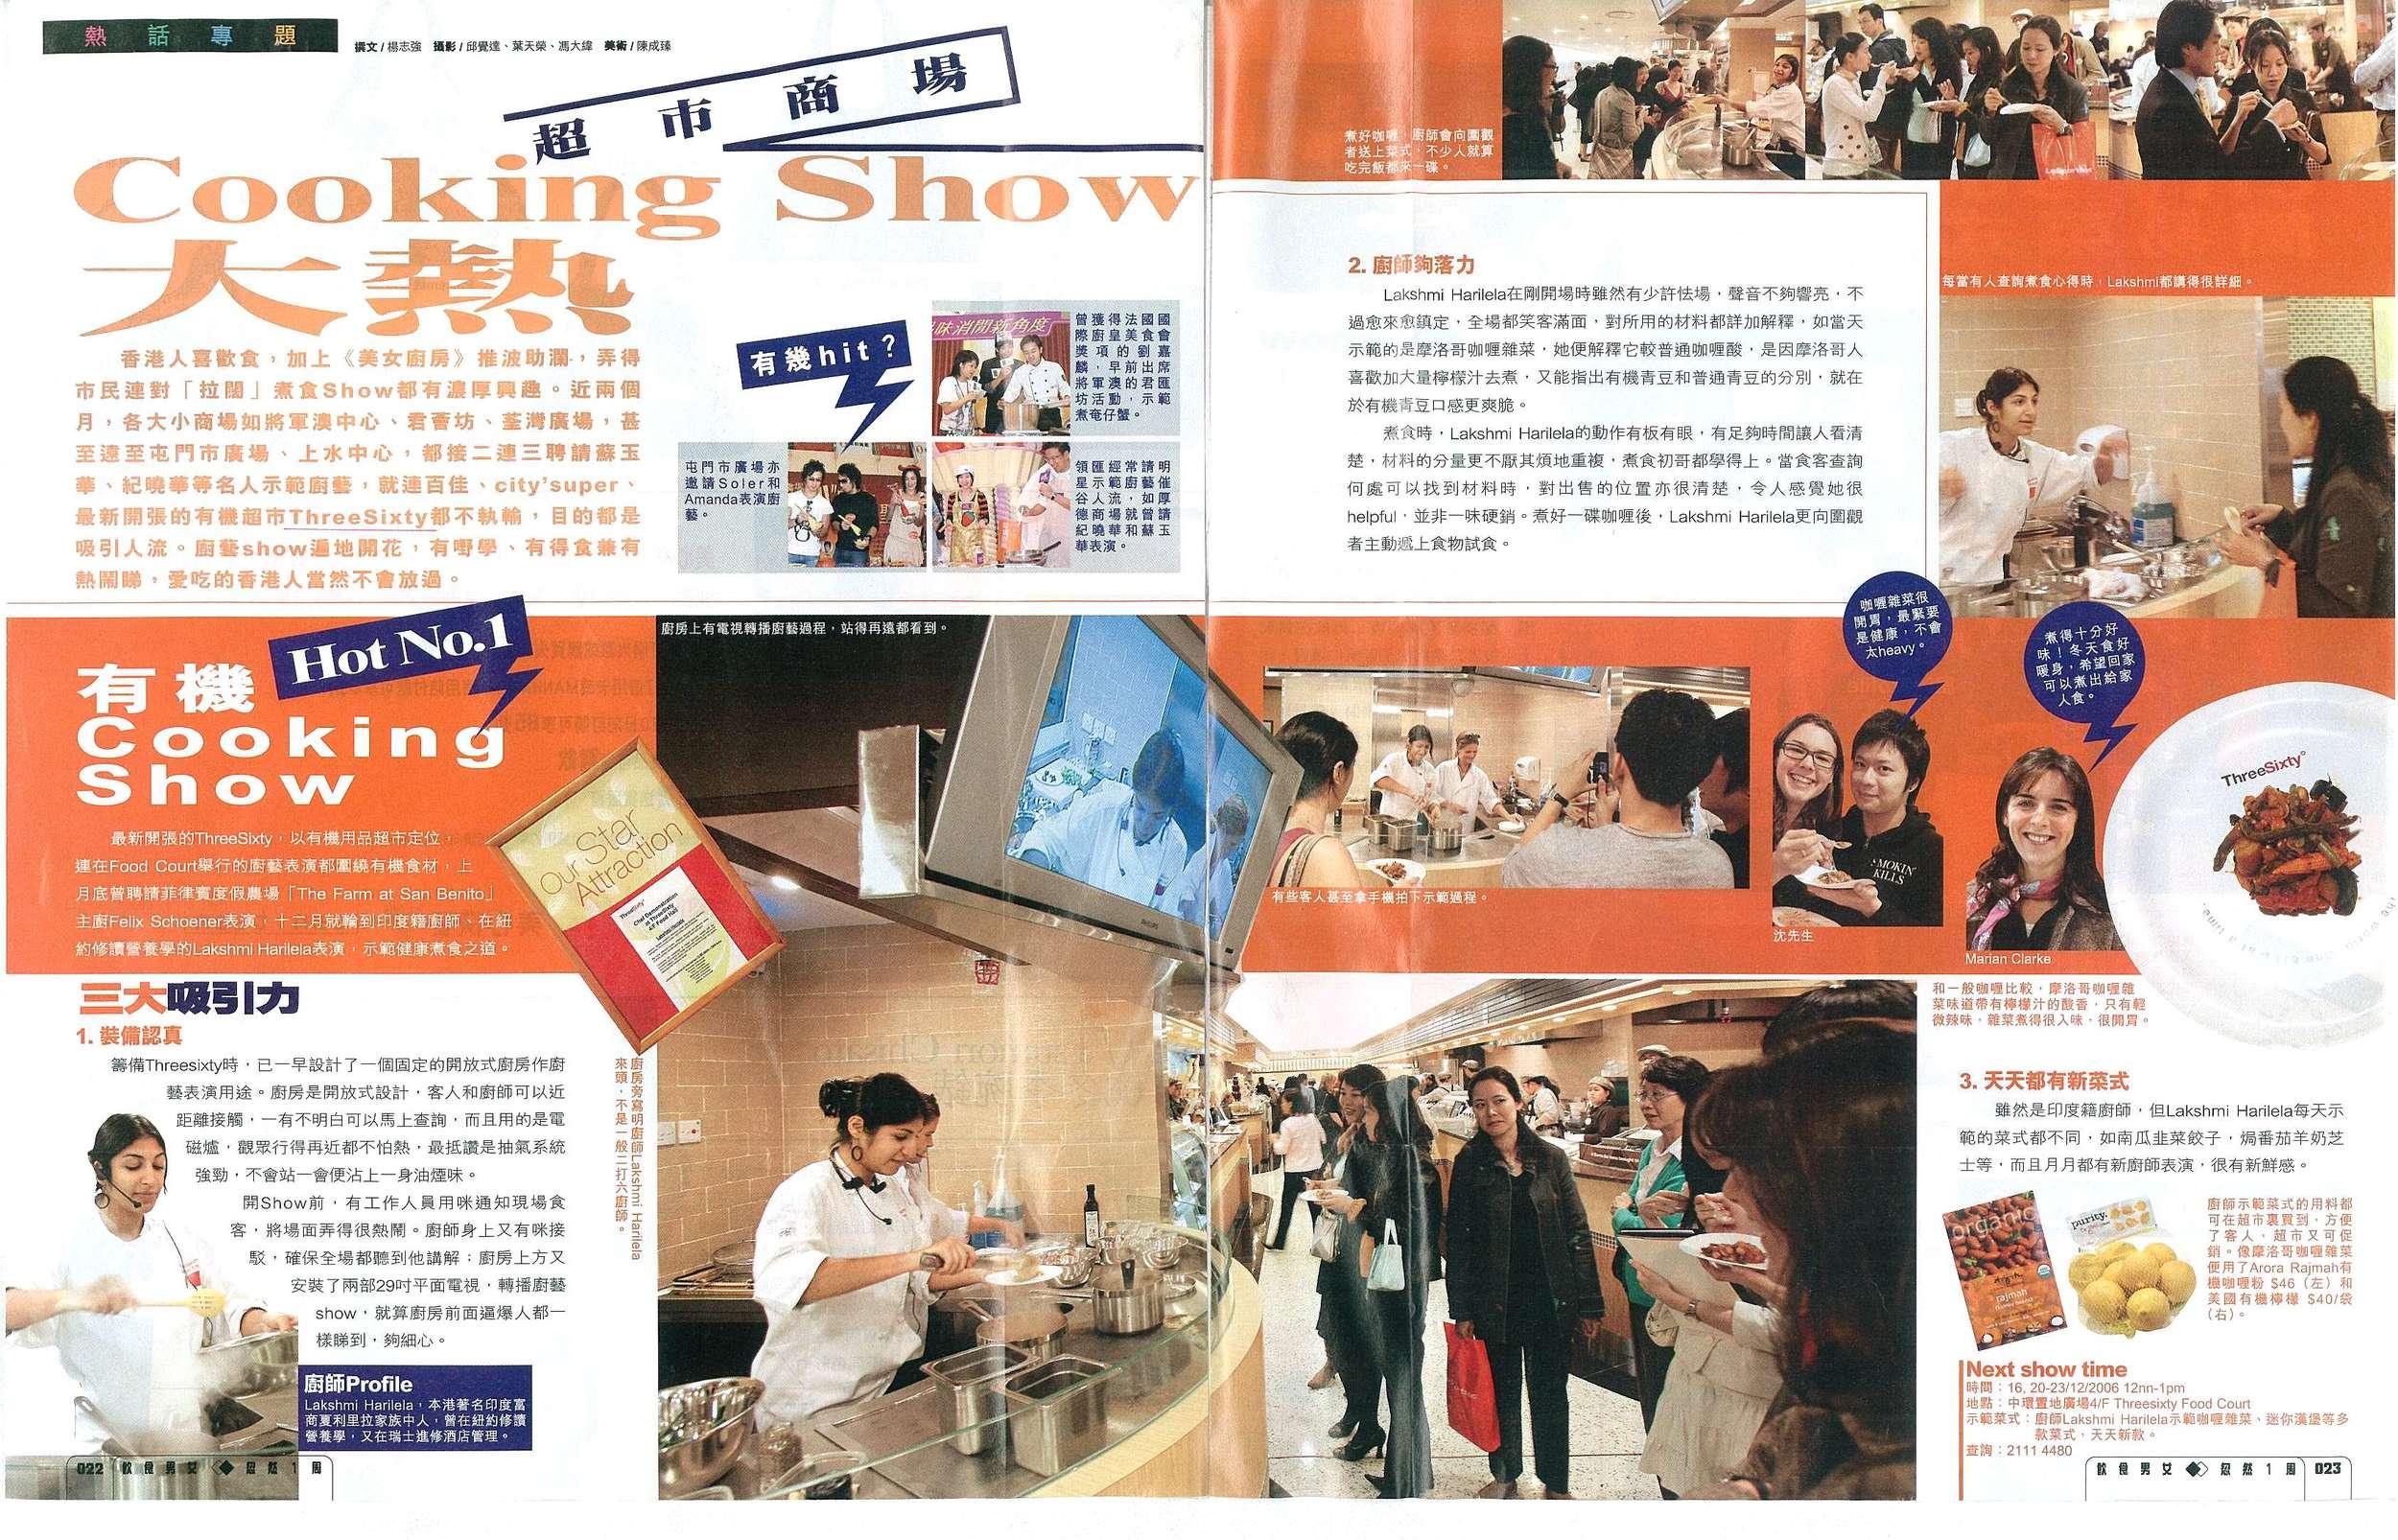 Eat_&_Travel_Weekly_15.12.2006.jpg